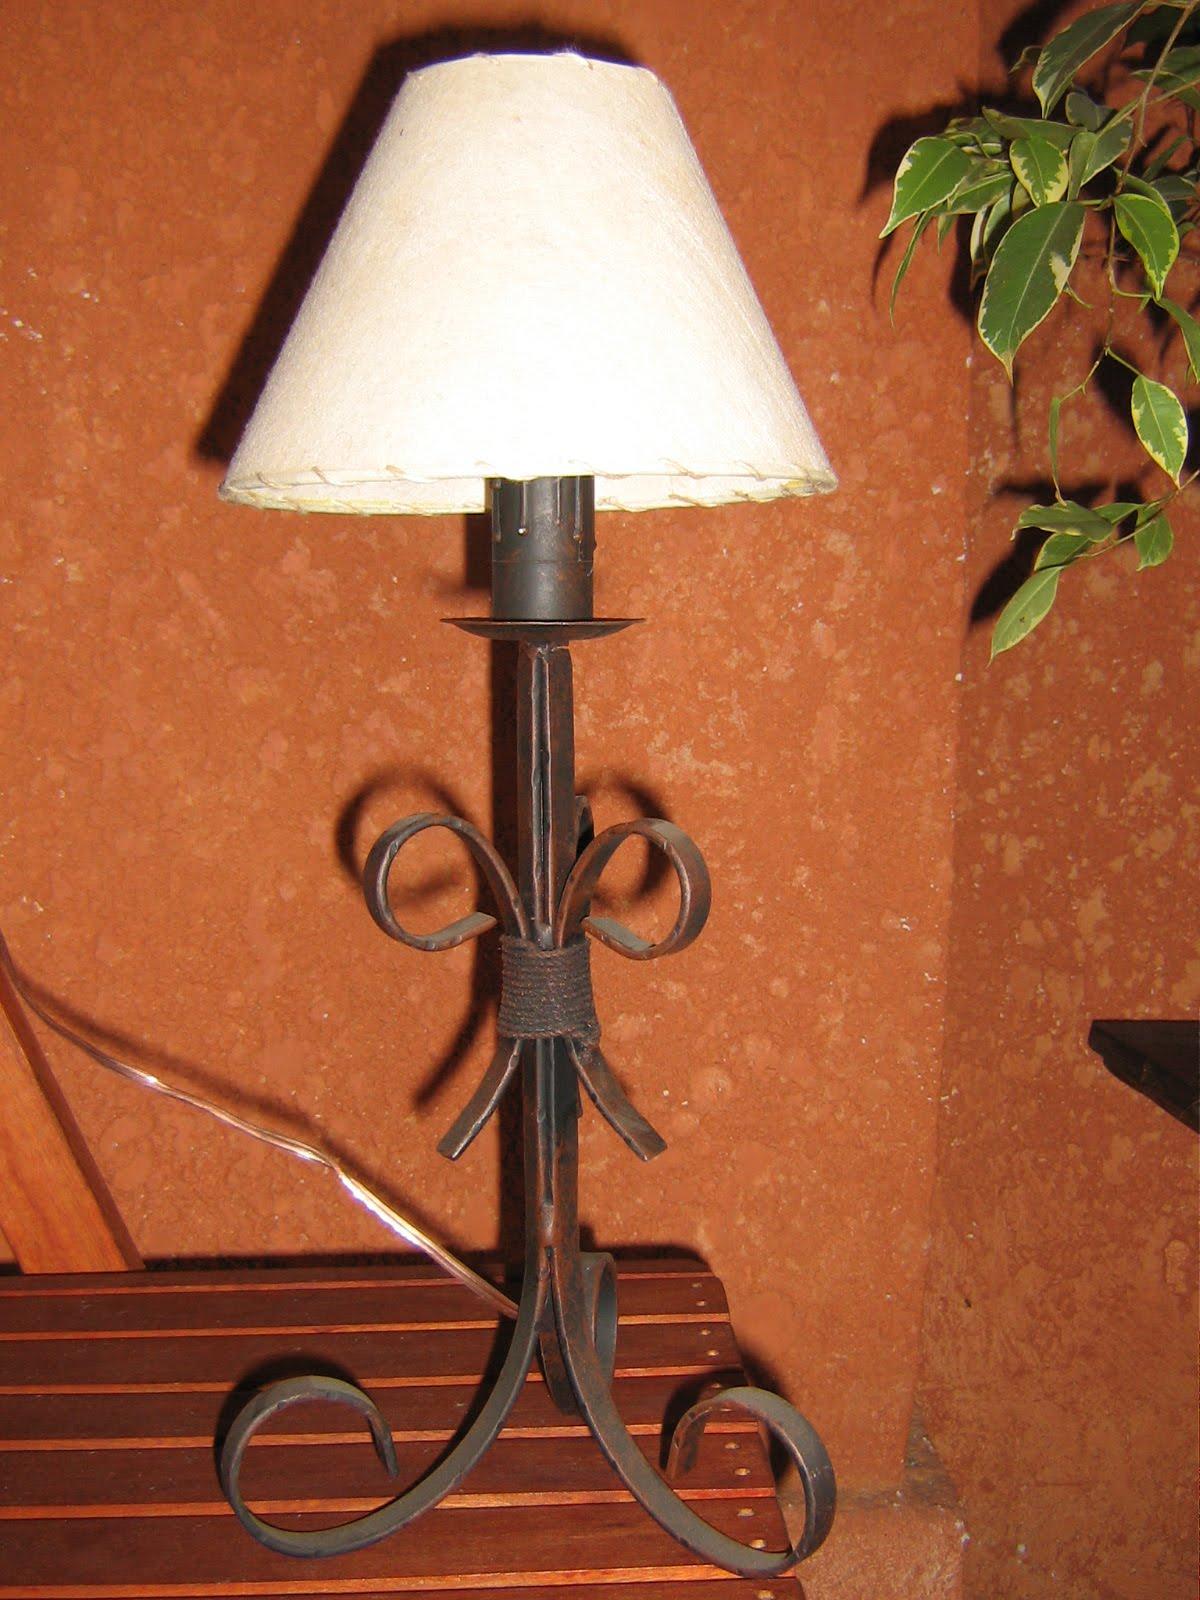 Herreria el vasco lamparas en hierro y madera - Lamparas de hierro ...